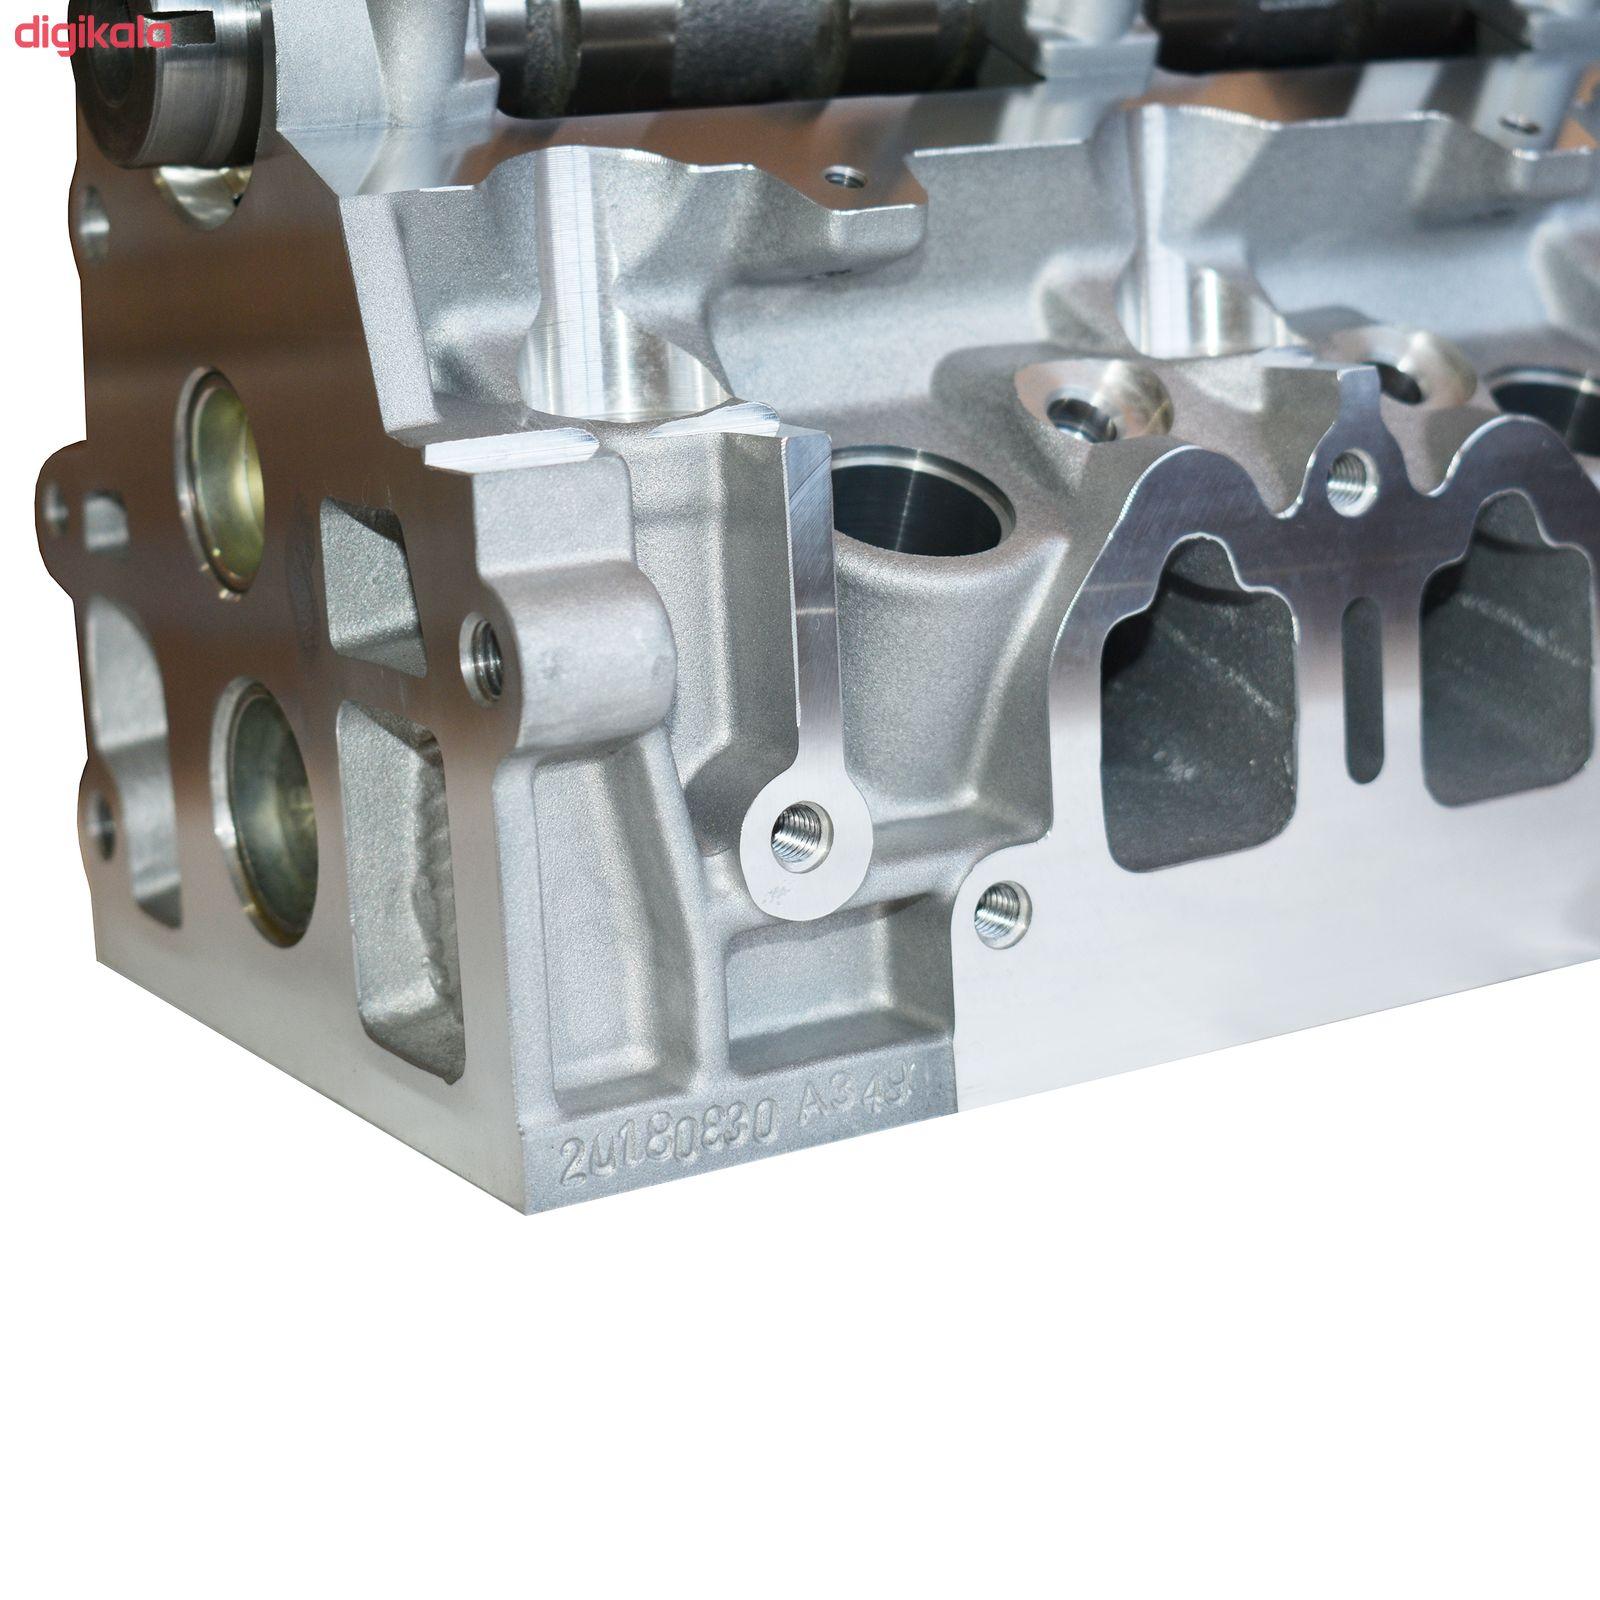 سرسیلندر توسن مدل TSL7405 مناسب برای پژو 405 main 1 5